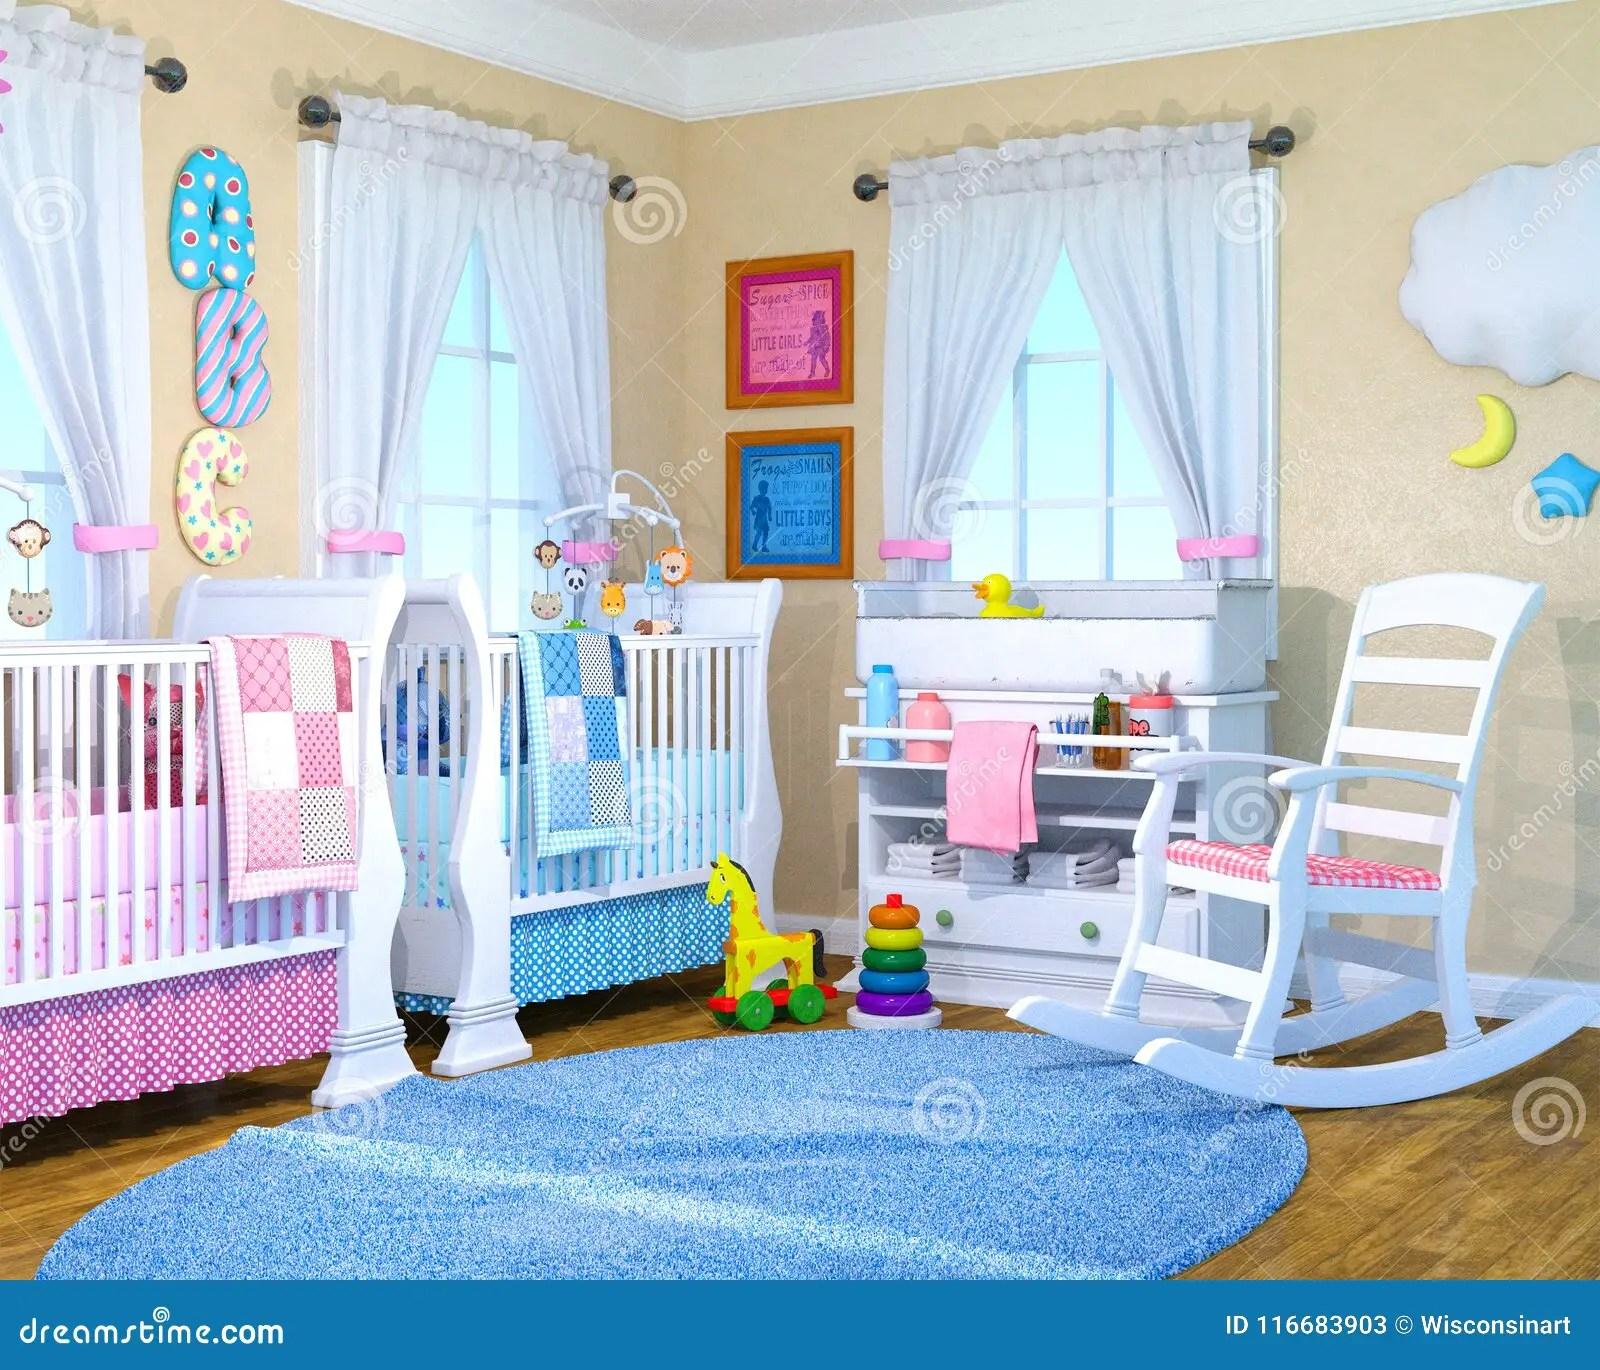 Baby Boy Girl Nusrey Room Babies Stock Image Image of